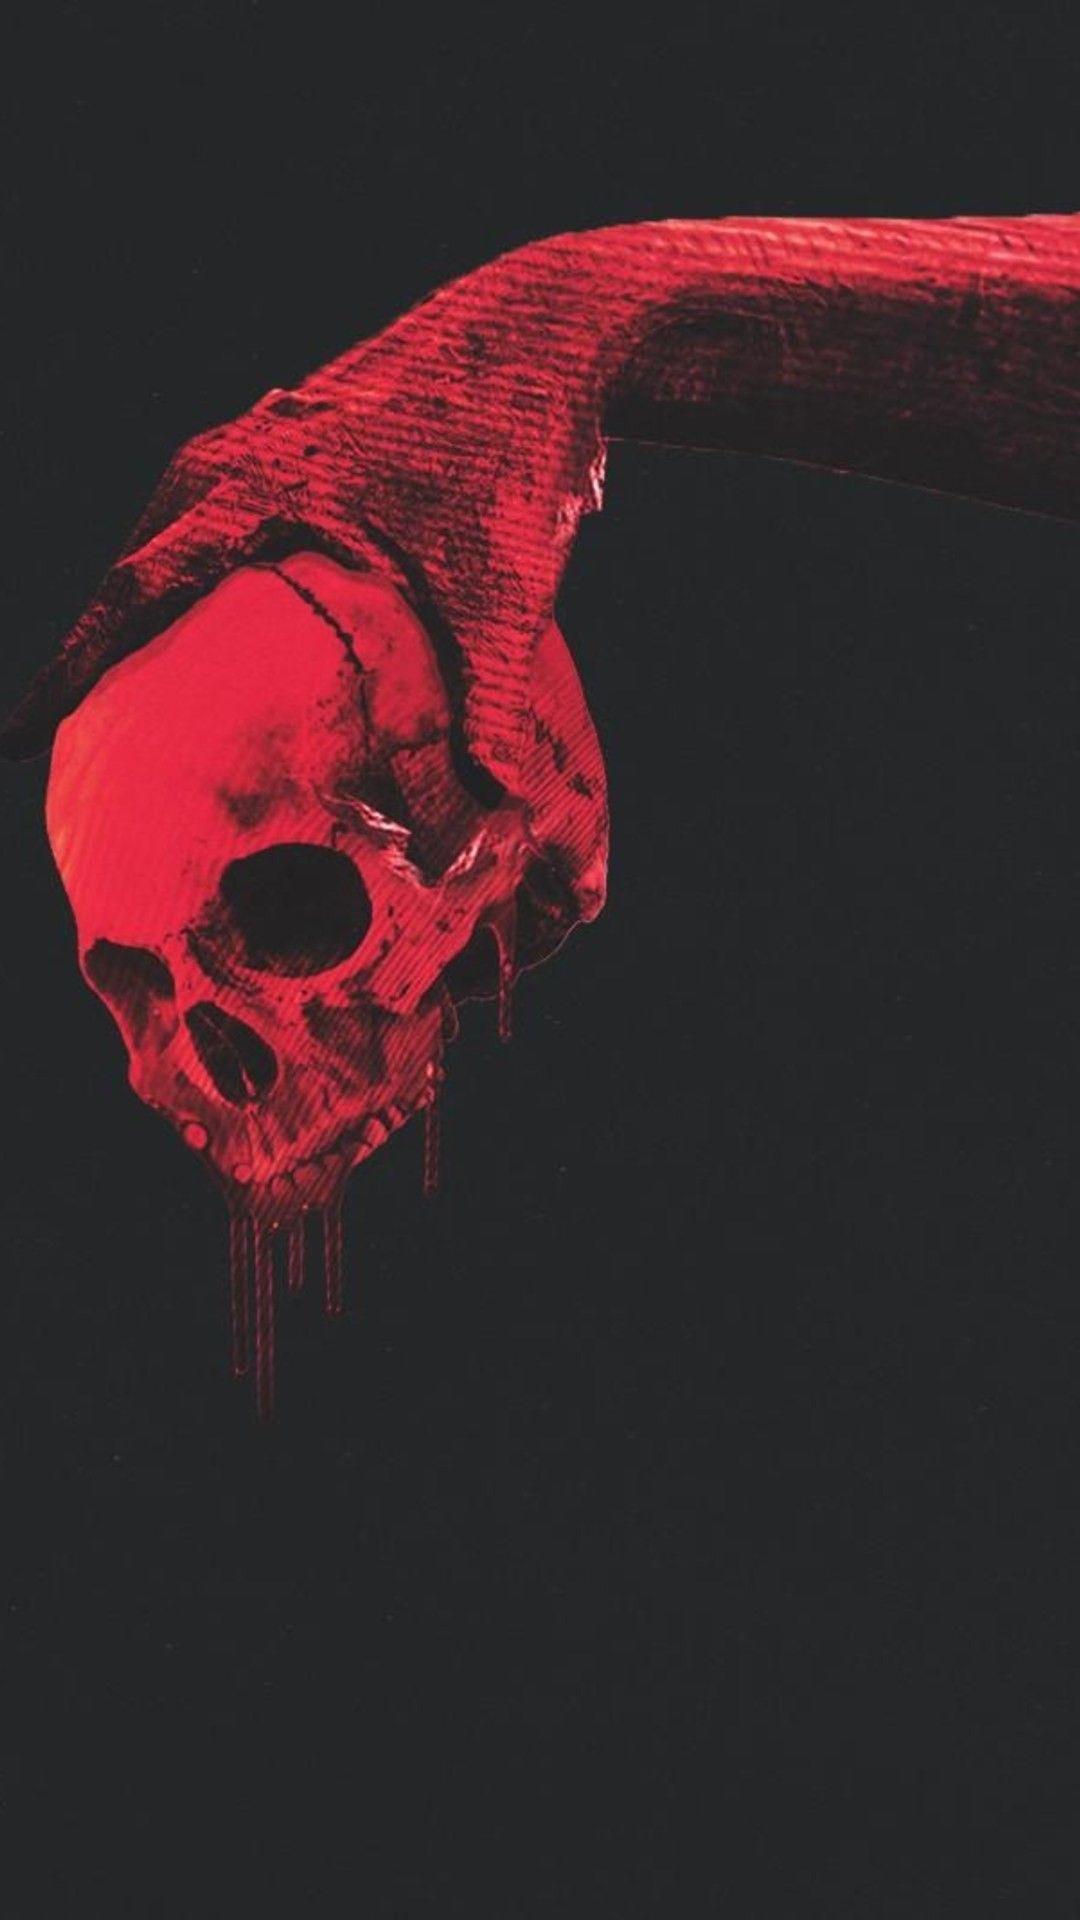 67 Red Skull Wallpapers On Wallpaperplay Skull Wallpaper Black Skulls Wallpaper Skull